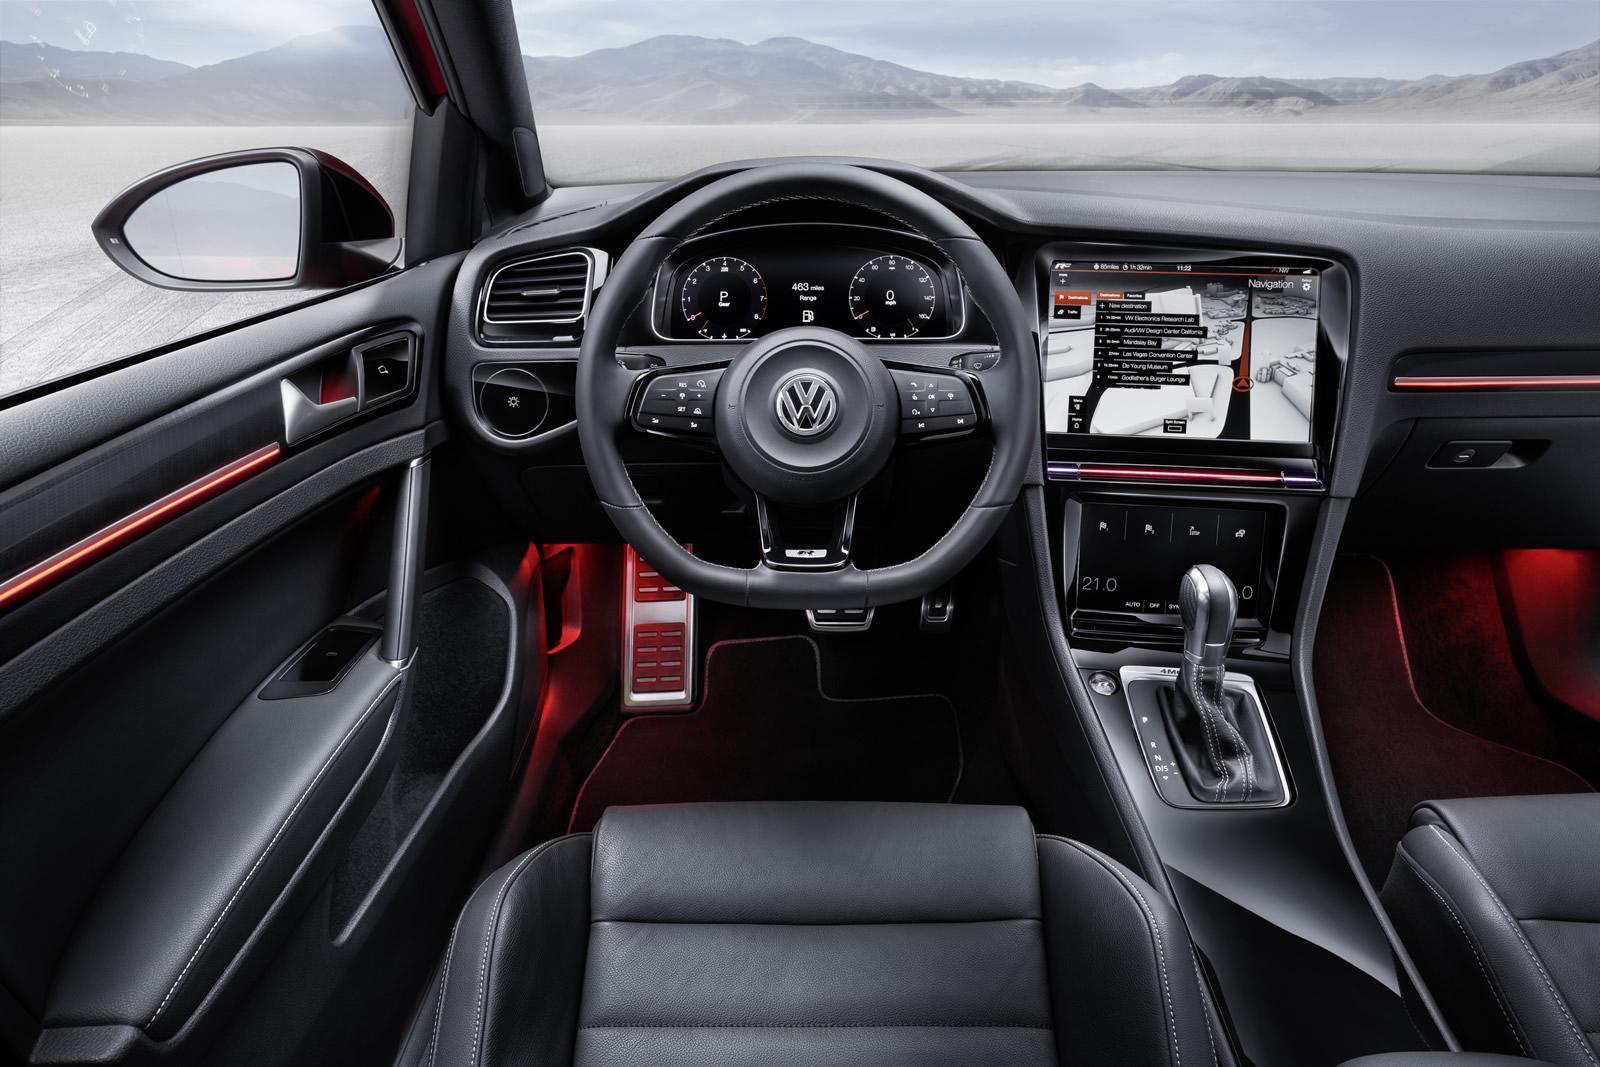 КомпанияVW тестирует новый универсал Golf R2018 модельного года